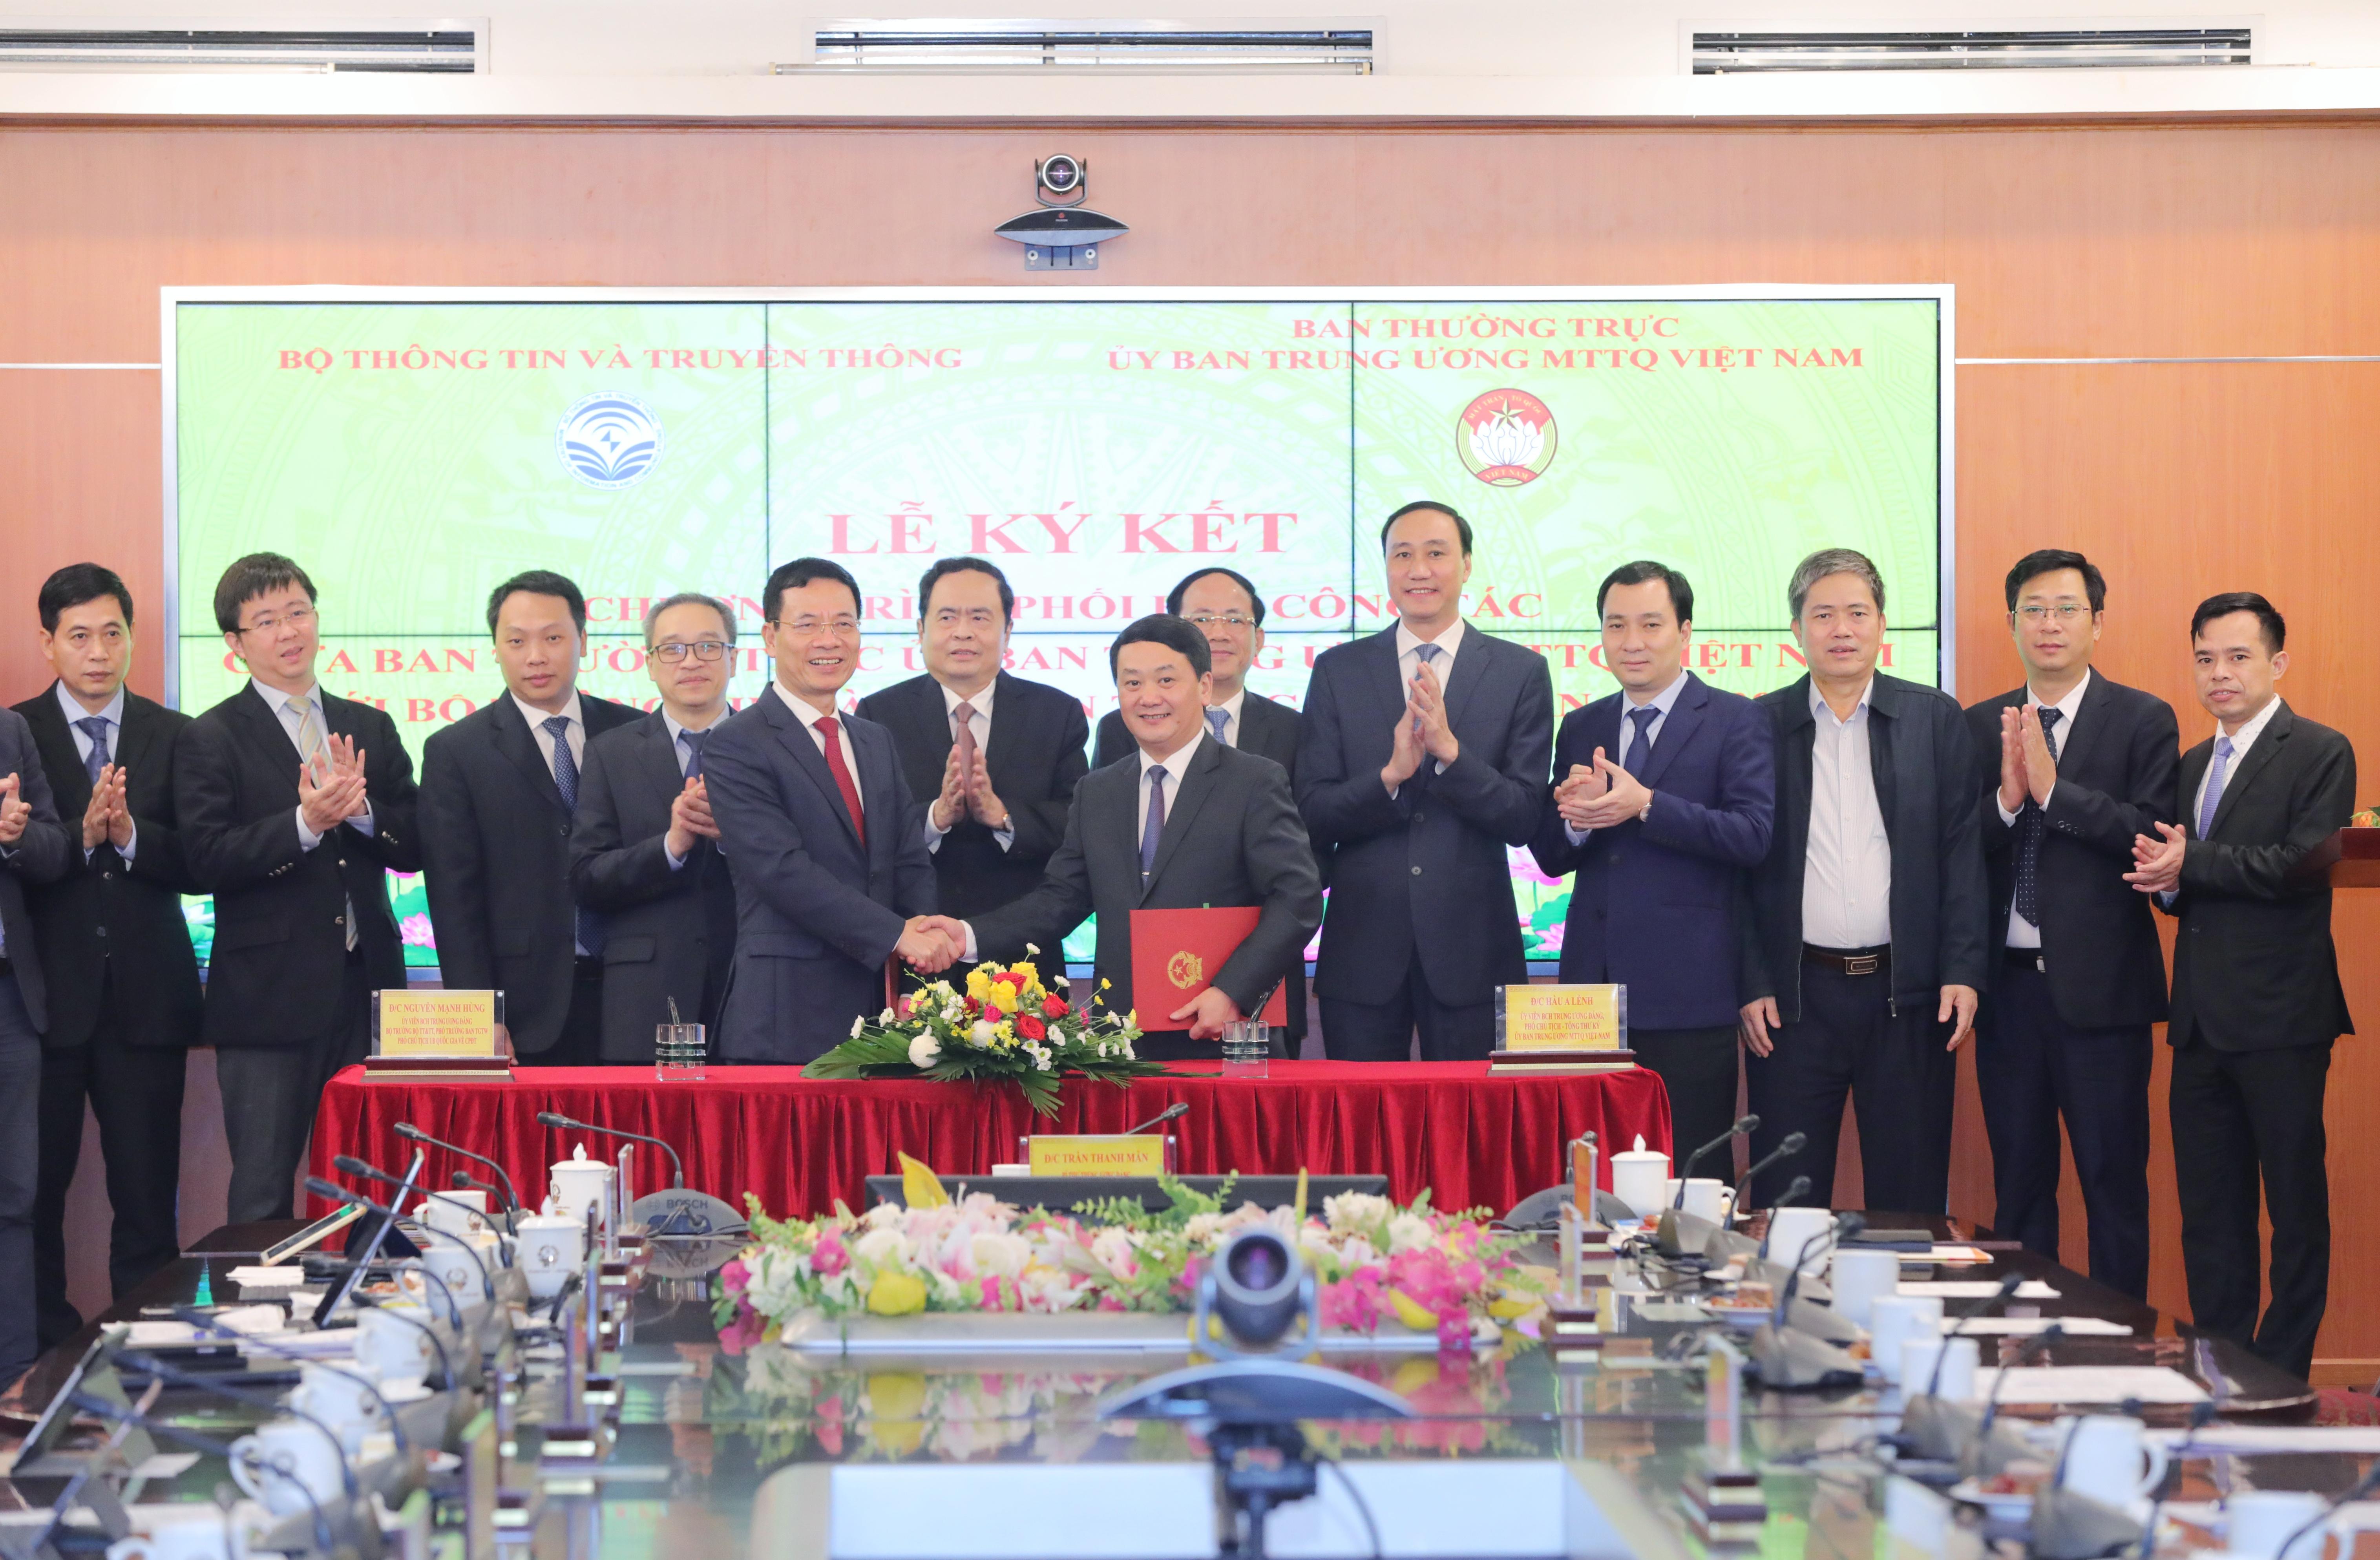 Chủ tịch Trần Thanh Mẫn chứng kiến Lễ ký kết chương trình phối hợp công tác giữa hai cơ quan. Ảnh: Quang Vinh.